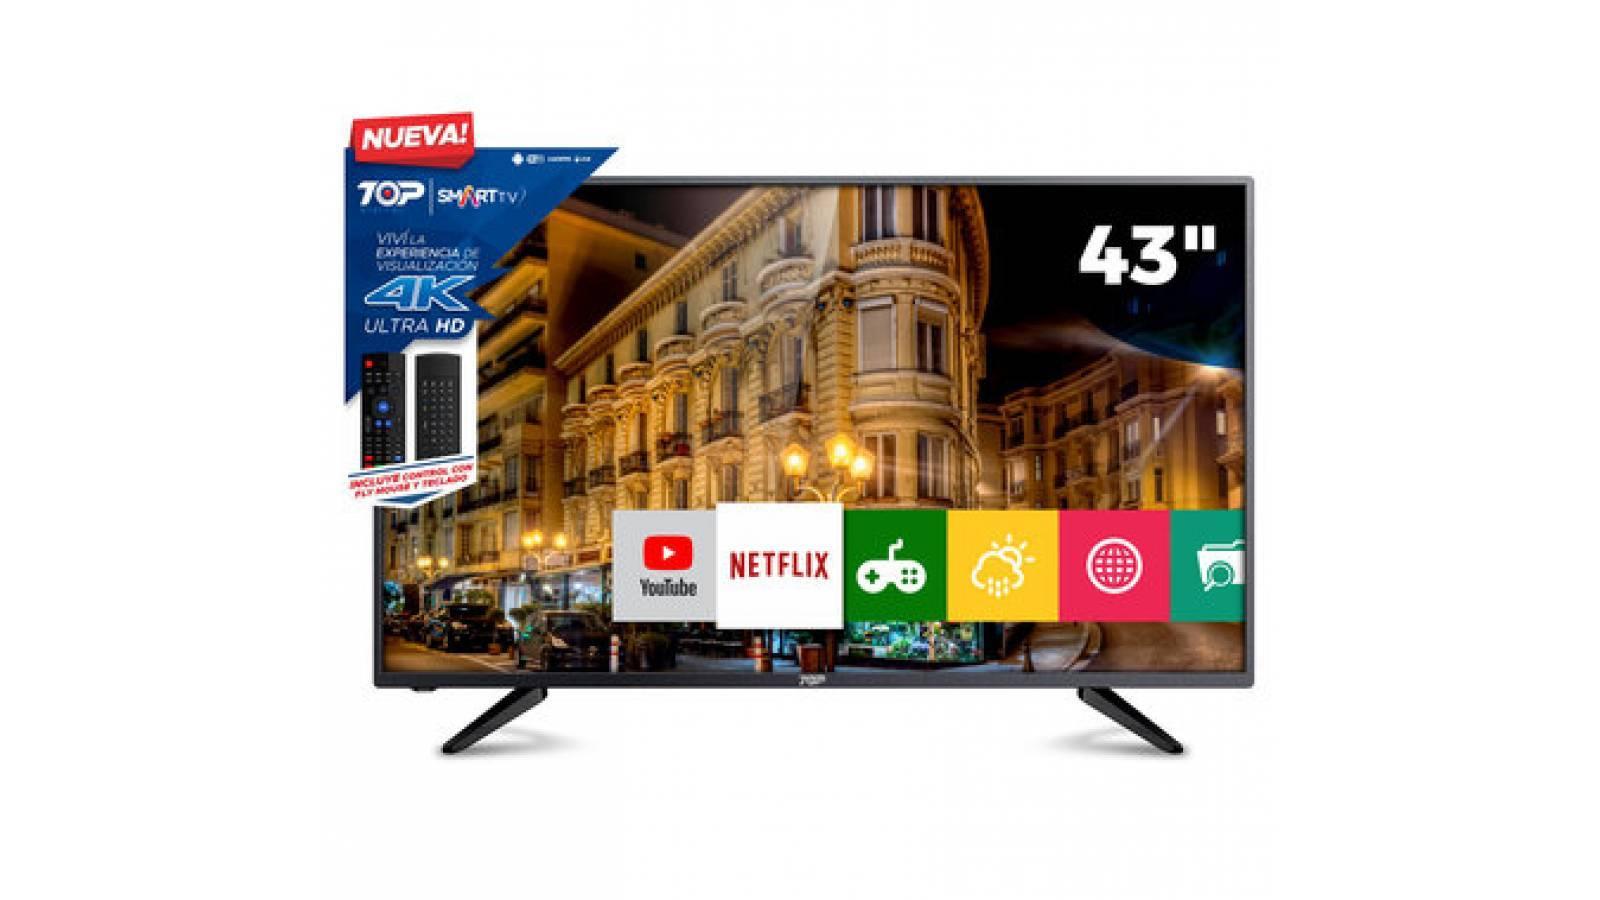 Smart Tv Led 43 Ultra Hd 4k Top Digital 43C1U